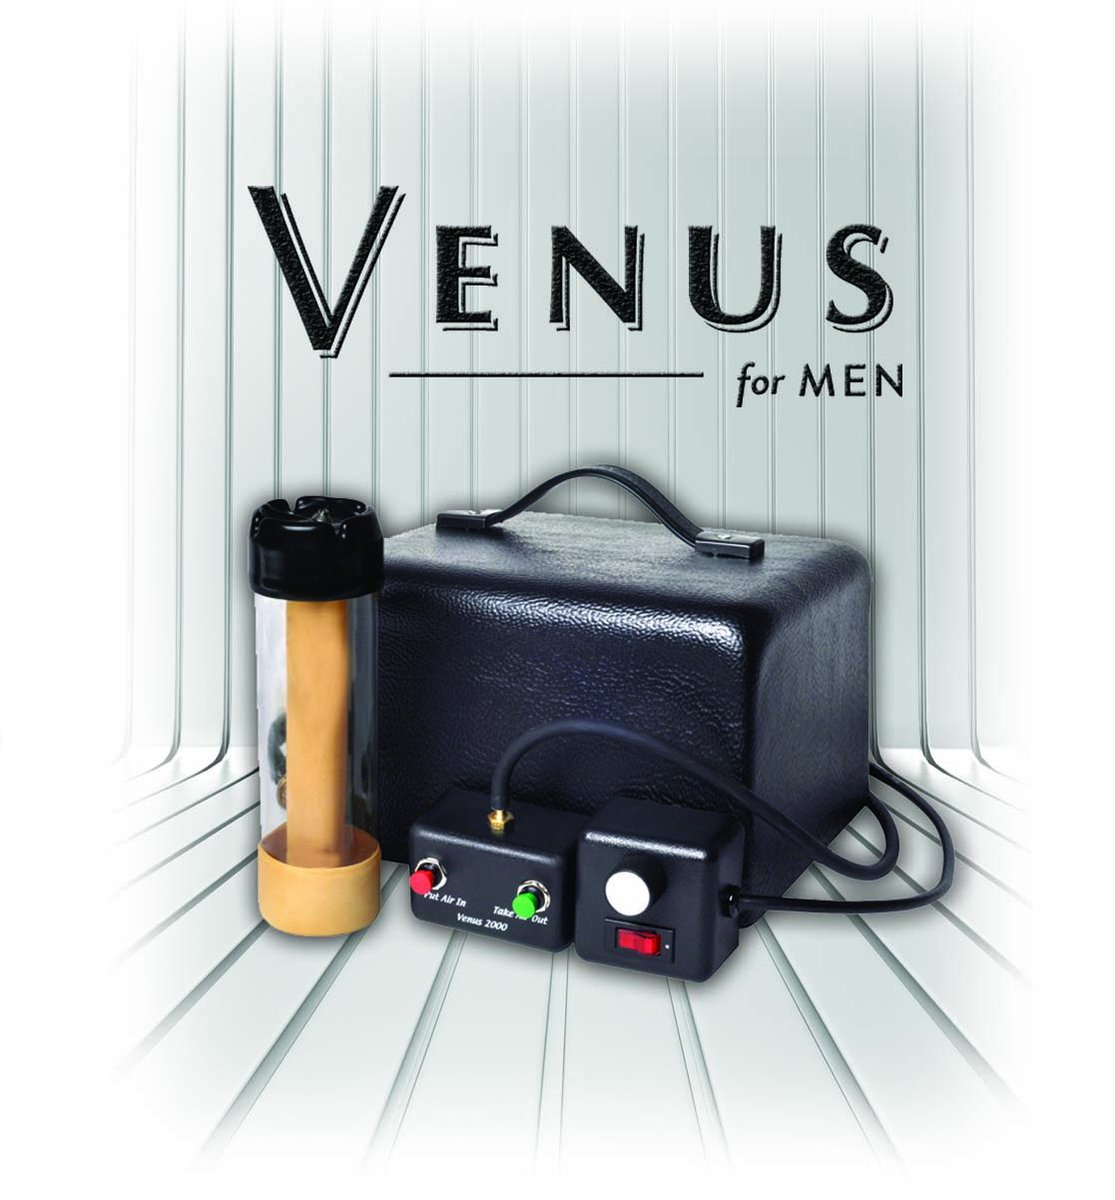 Venus 2000 Milking Machine Venus 2000 Milking